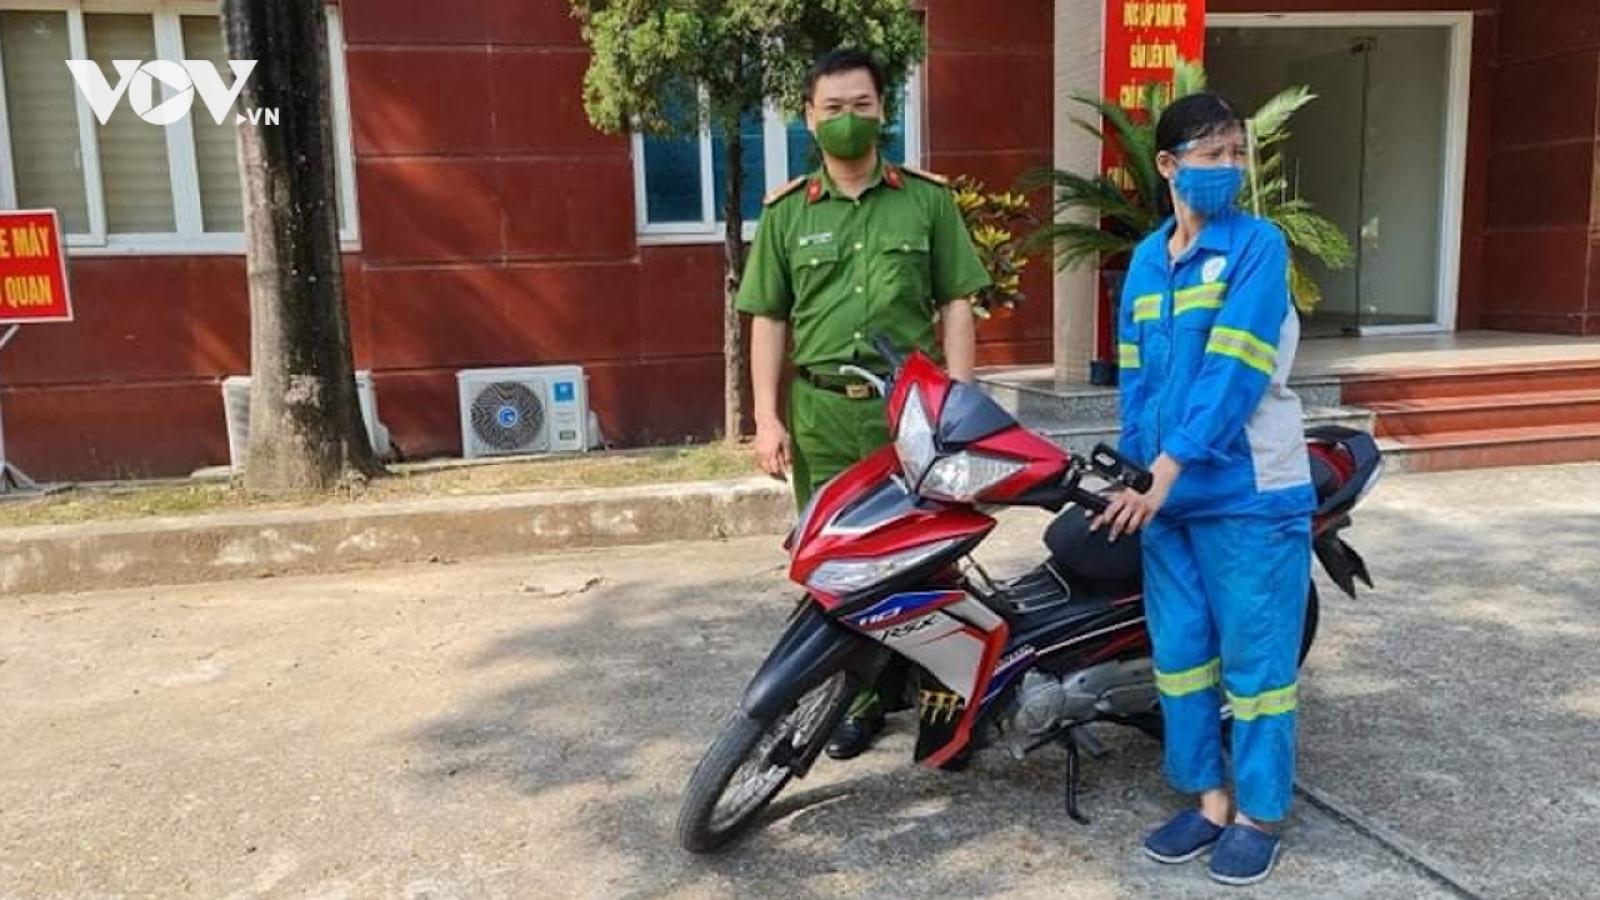 Công an Hà Nội tặng xe máy cho nữ lao công bị cướp trong đêm